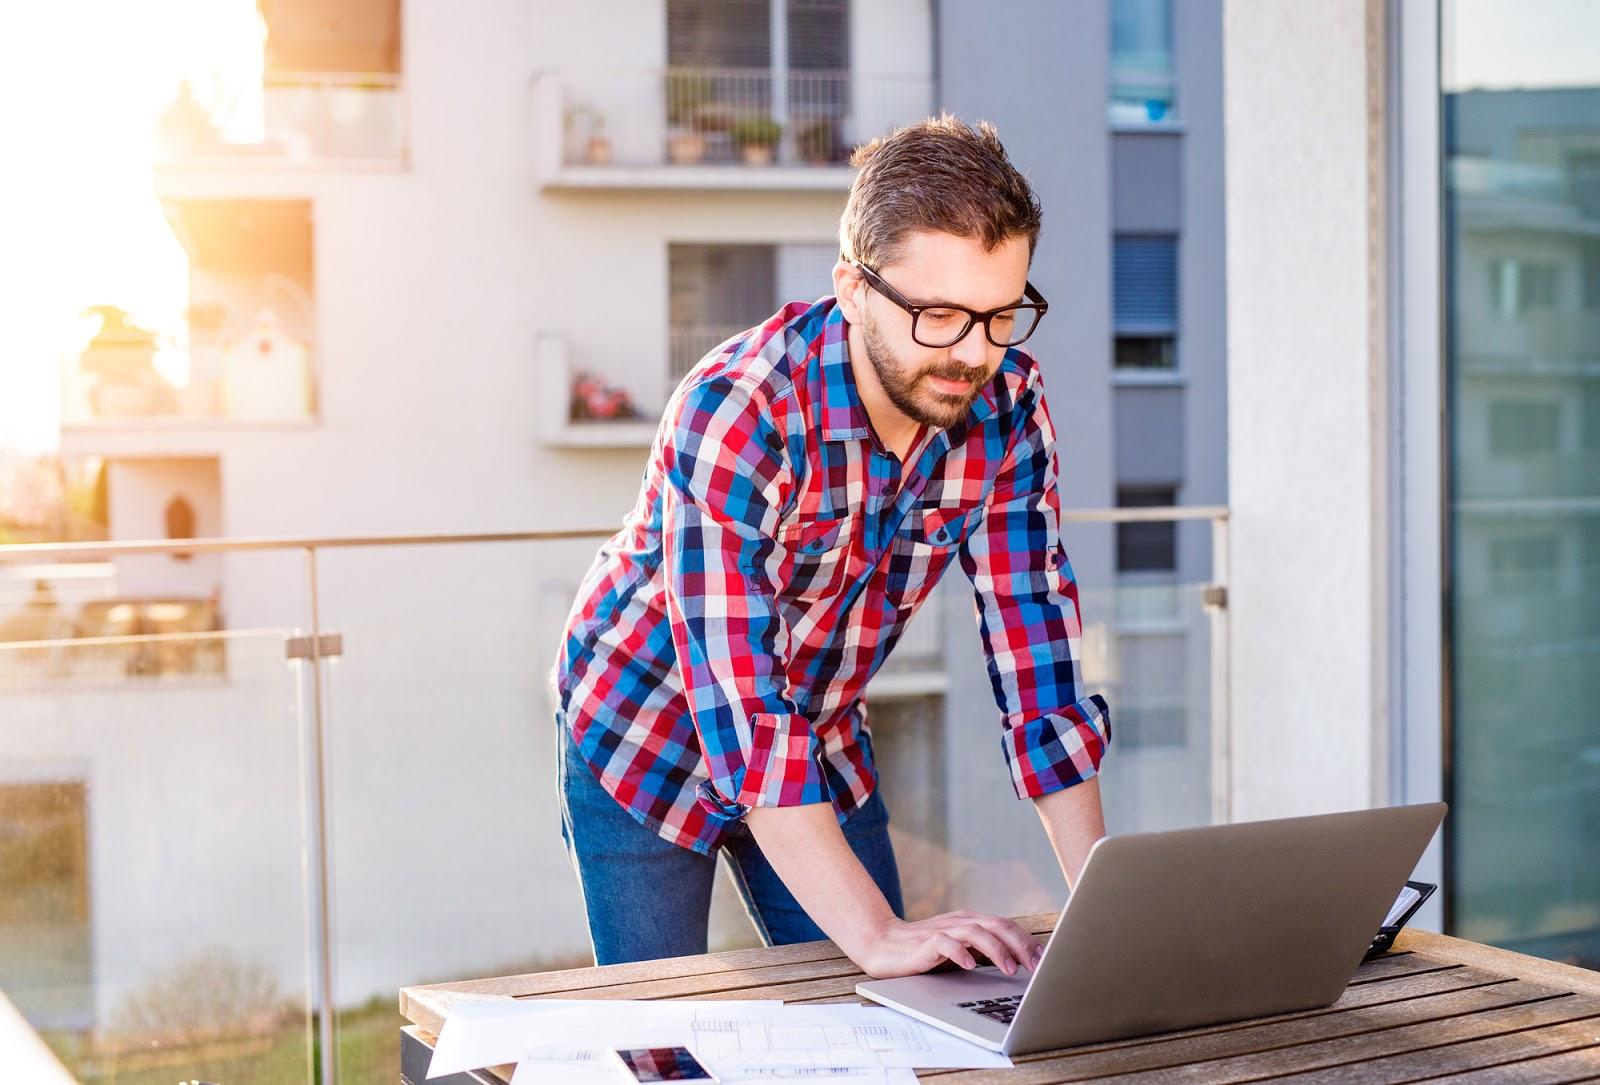 Фрилансеры подбор работа удаленно в волгограде вакансии от прямых работодателей